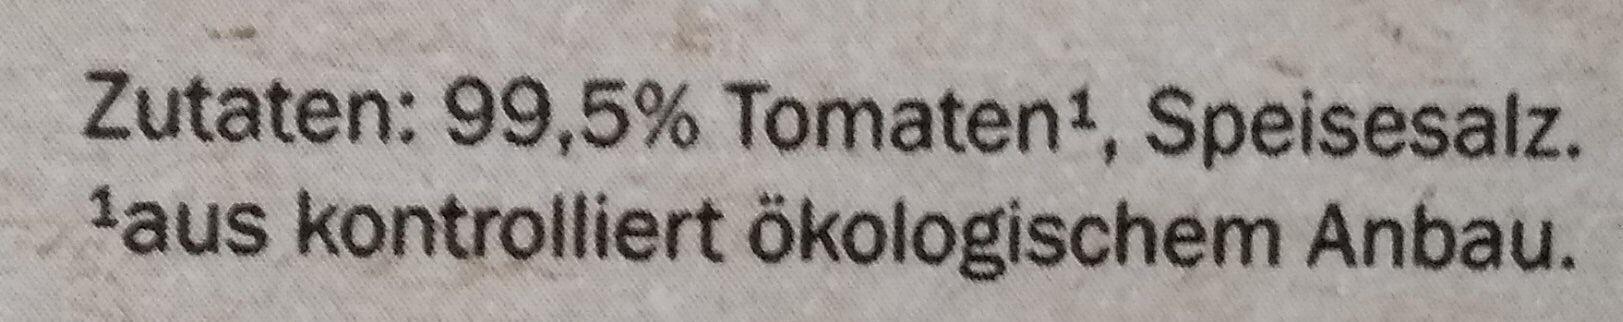 Tomaten - passiert - Zutaten - de